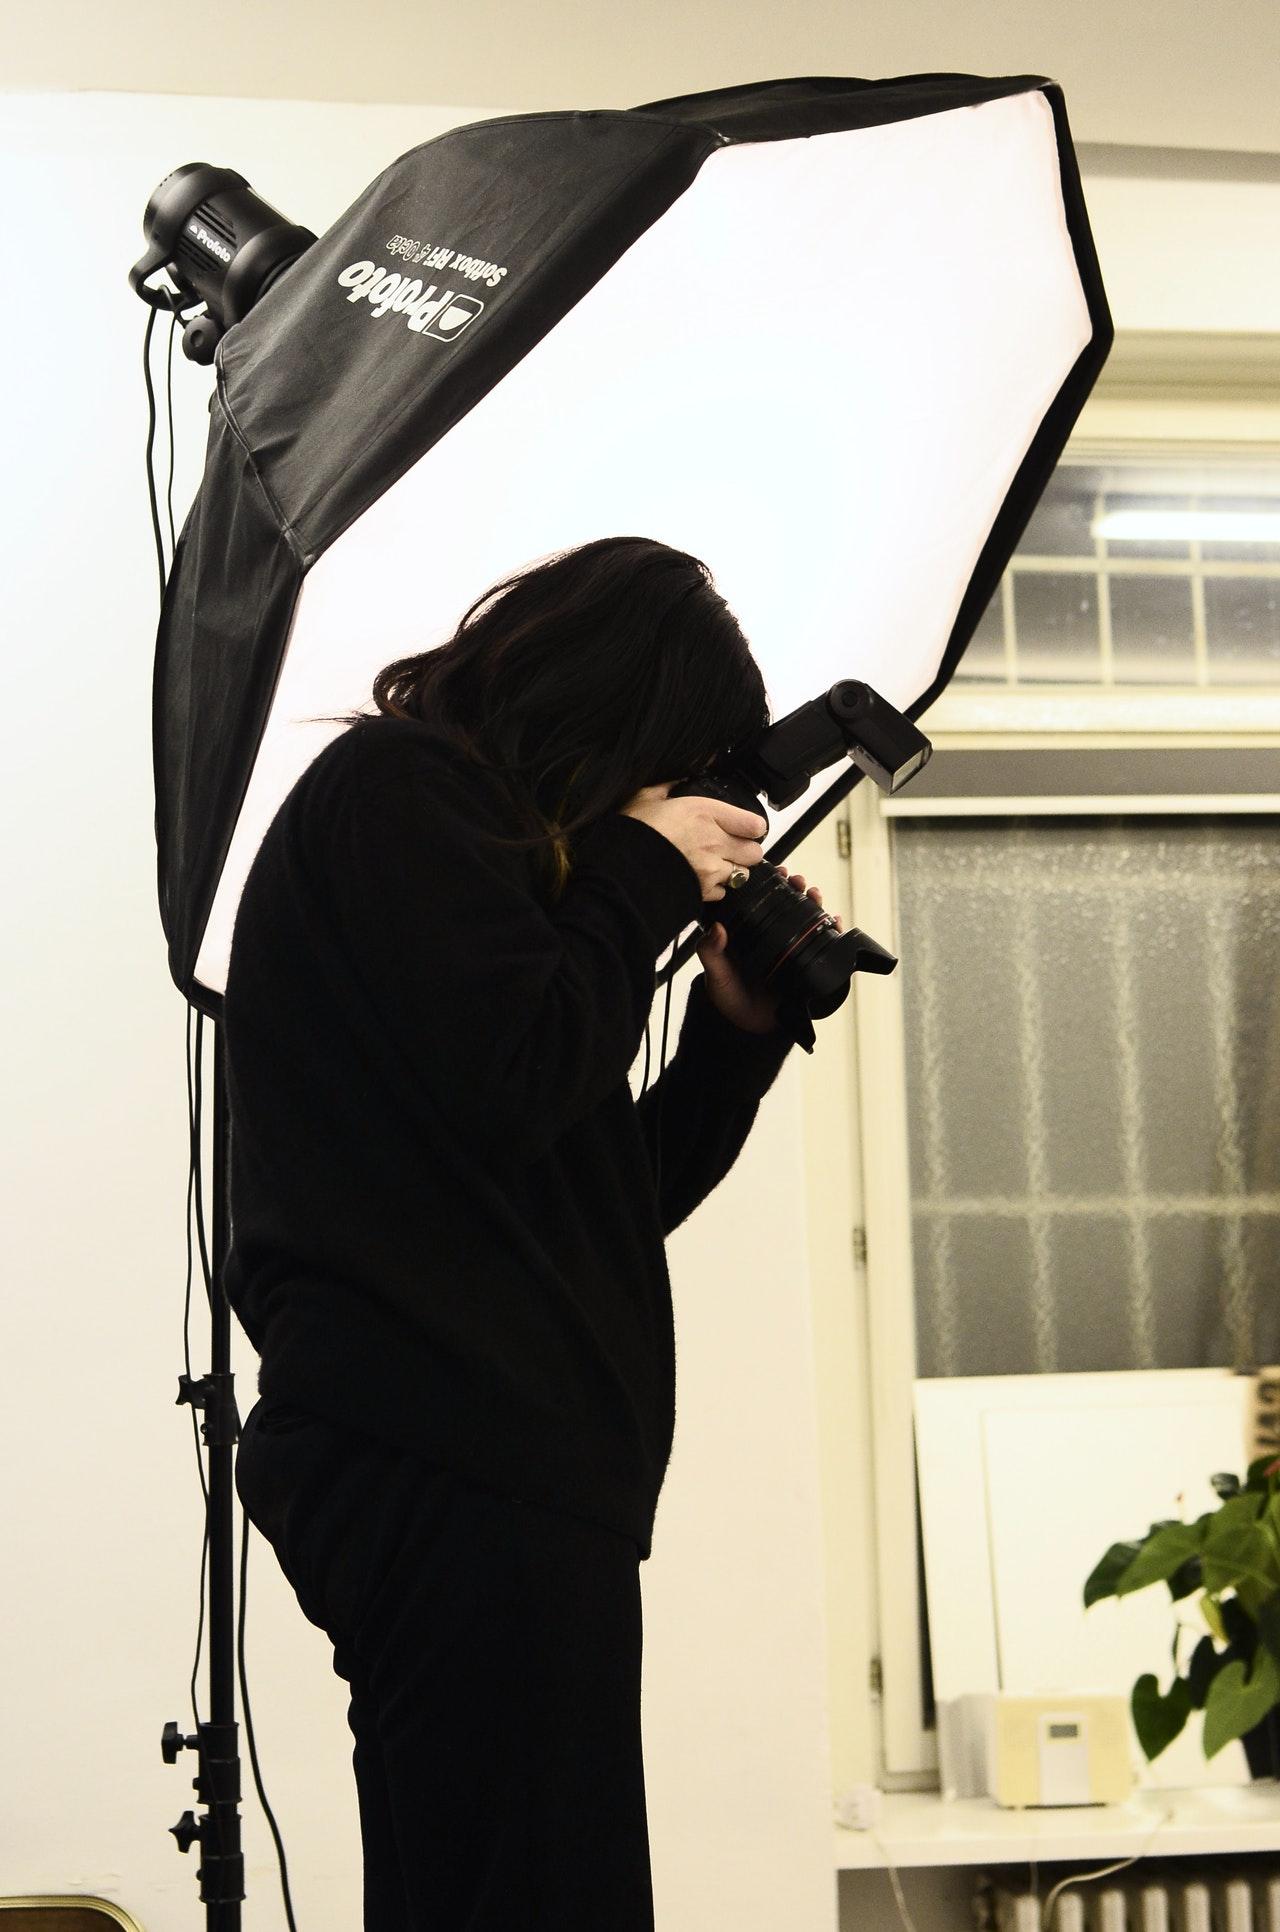 photographe d'entreprise - photo produit